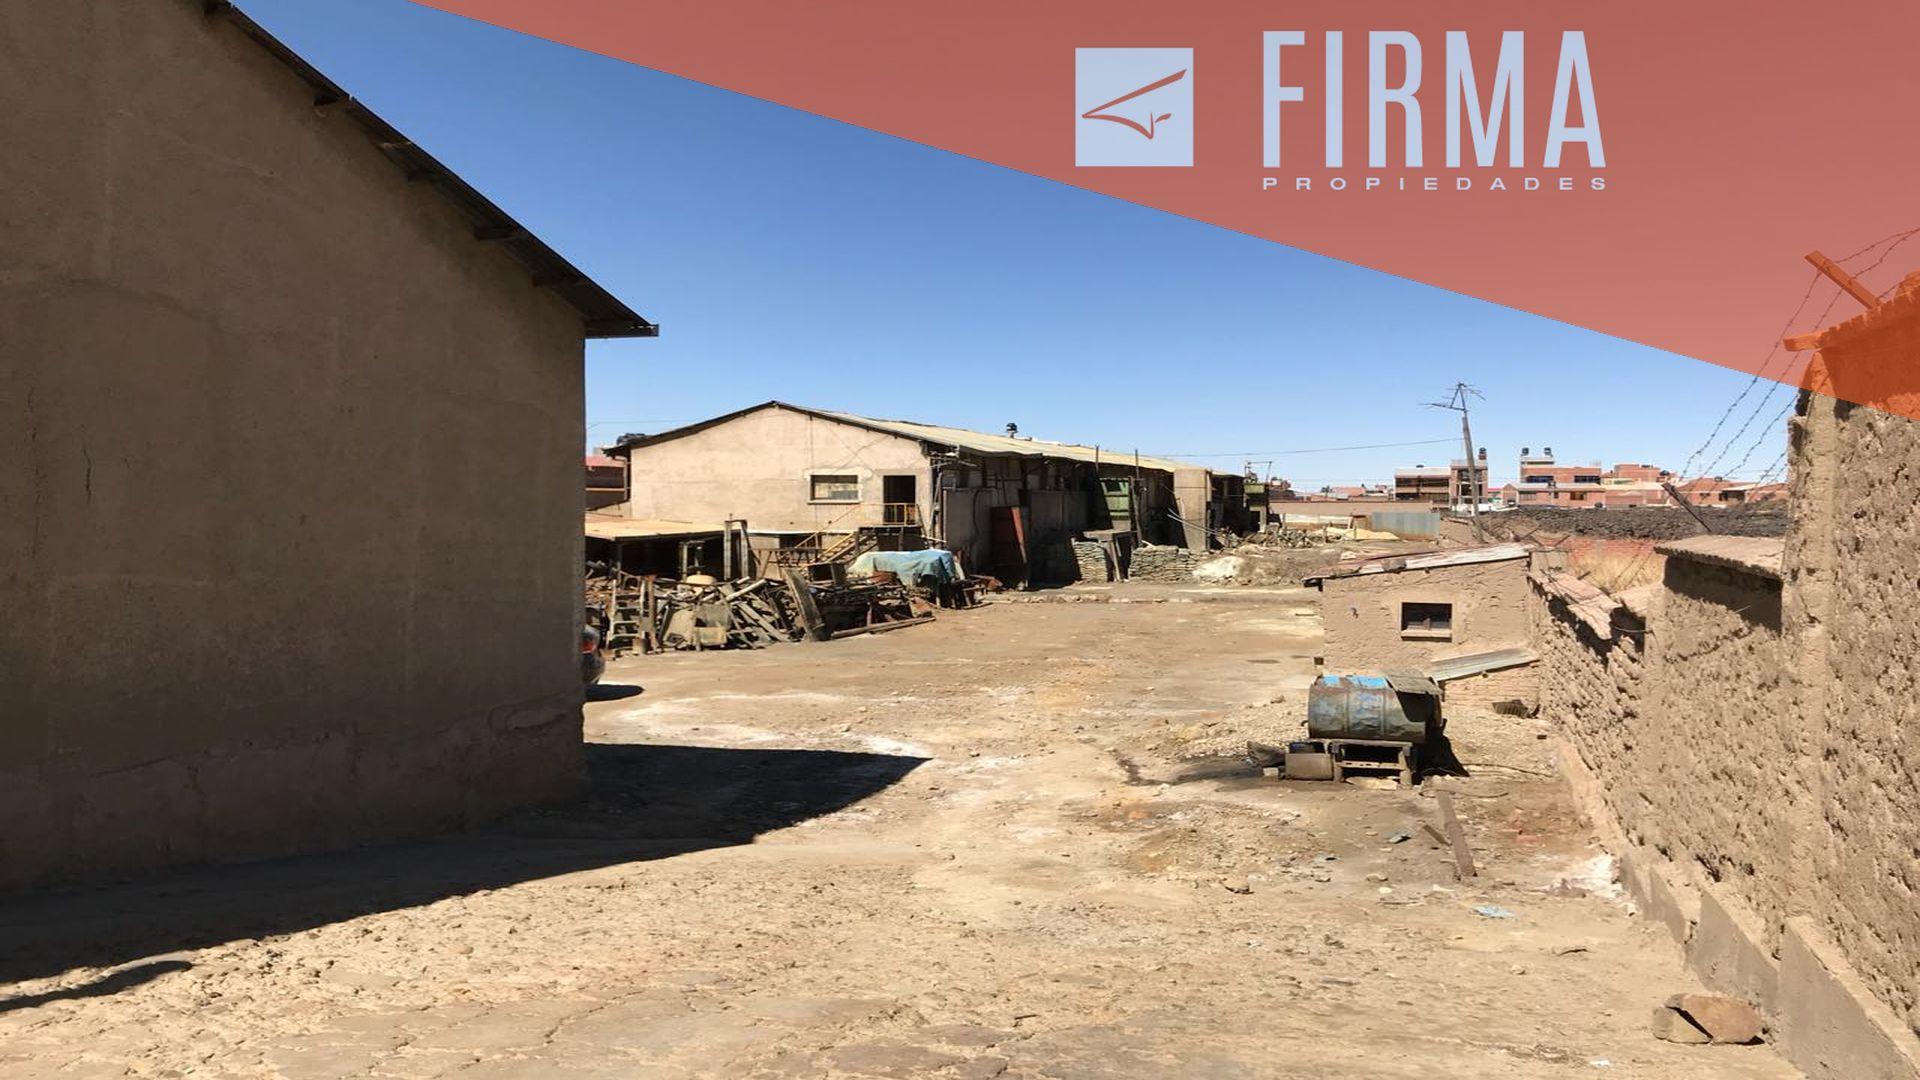 Terreno en Venta FTV18530 – COMPRA ESTE TERRENO EN ORURO Foto 1